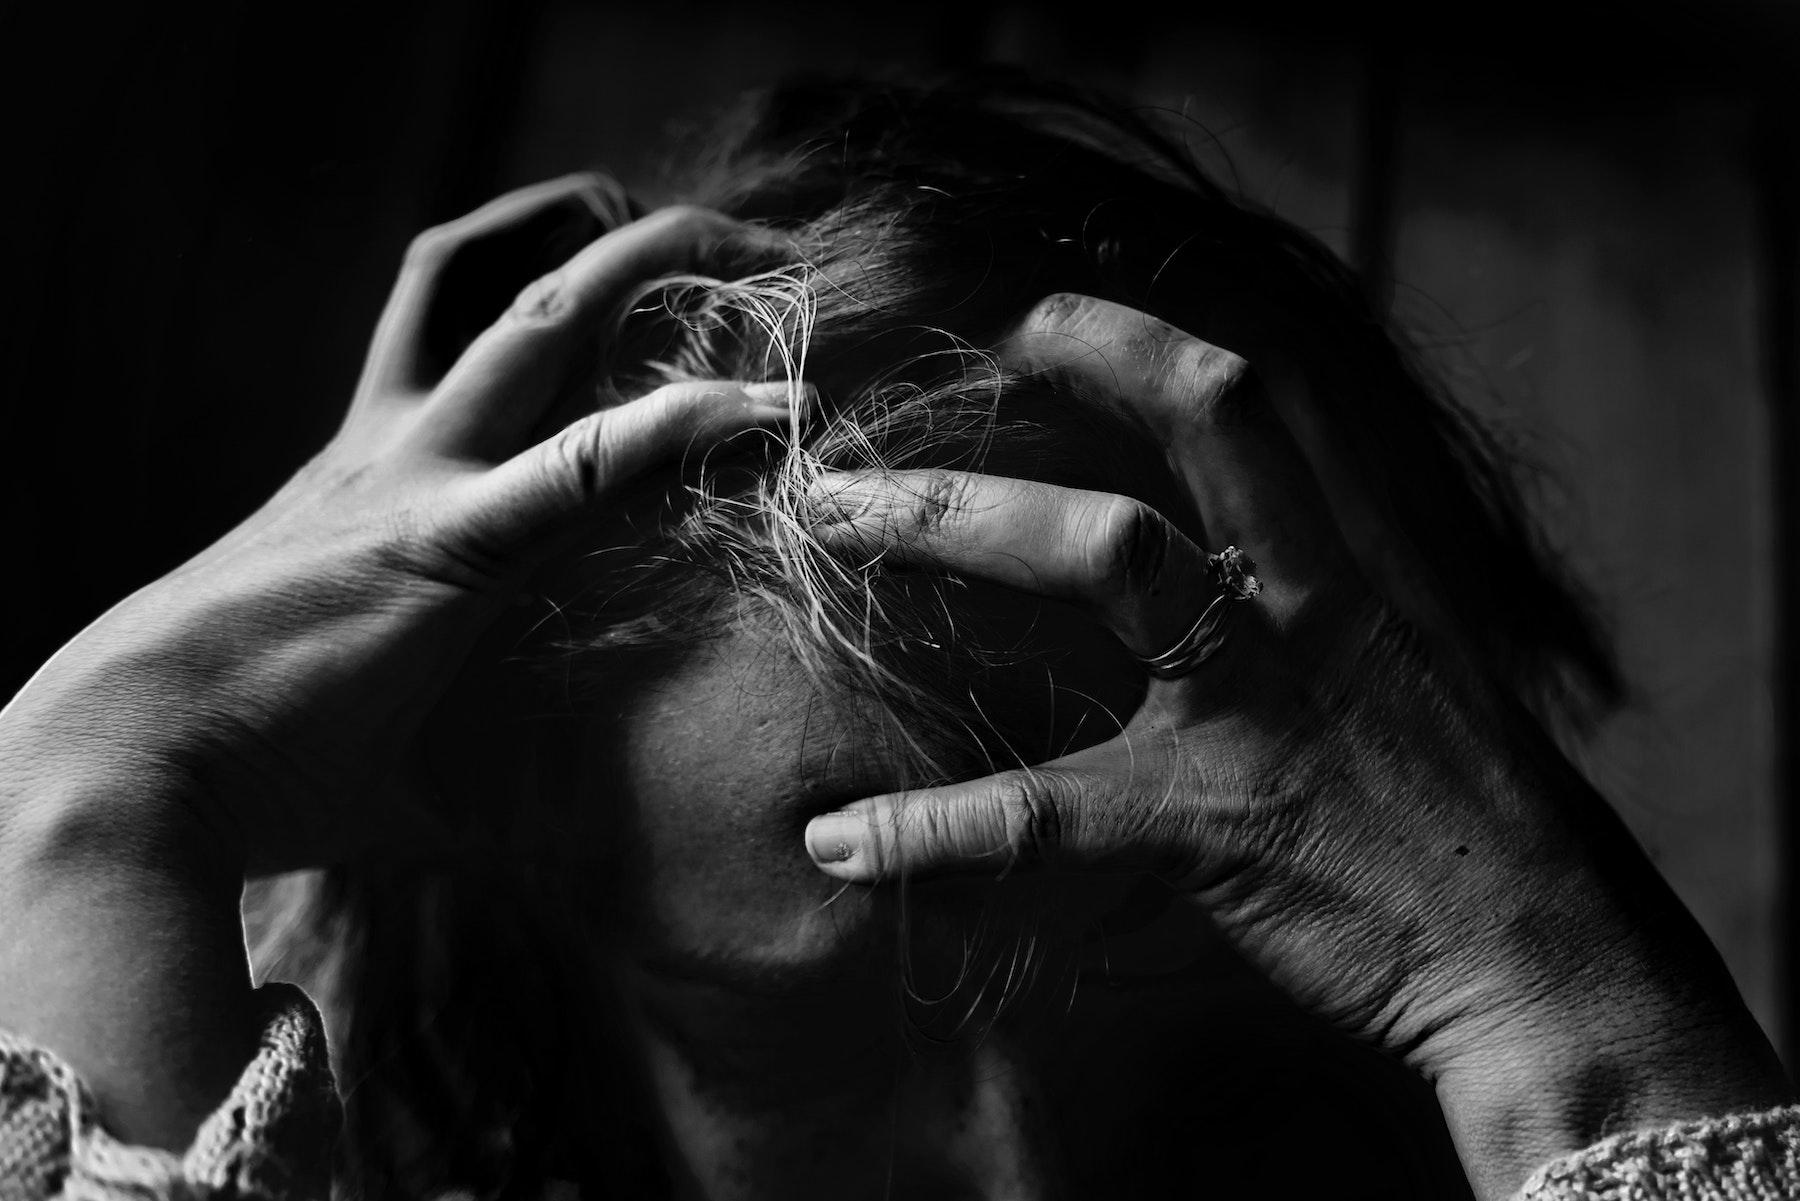 8月の自殺者が前年比で急増。コロナ禍の中だからこそ知っておきたい「自殺のサイン」